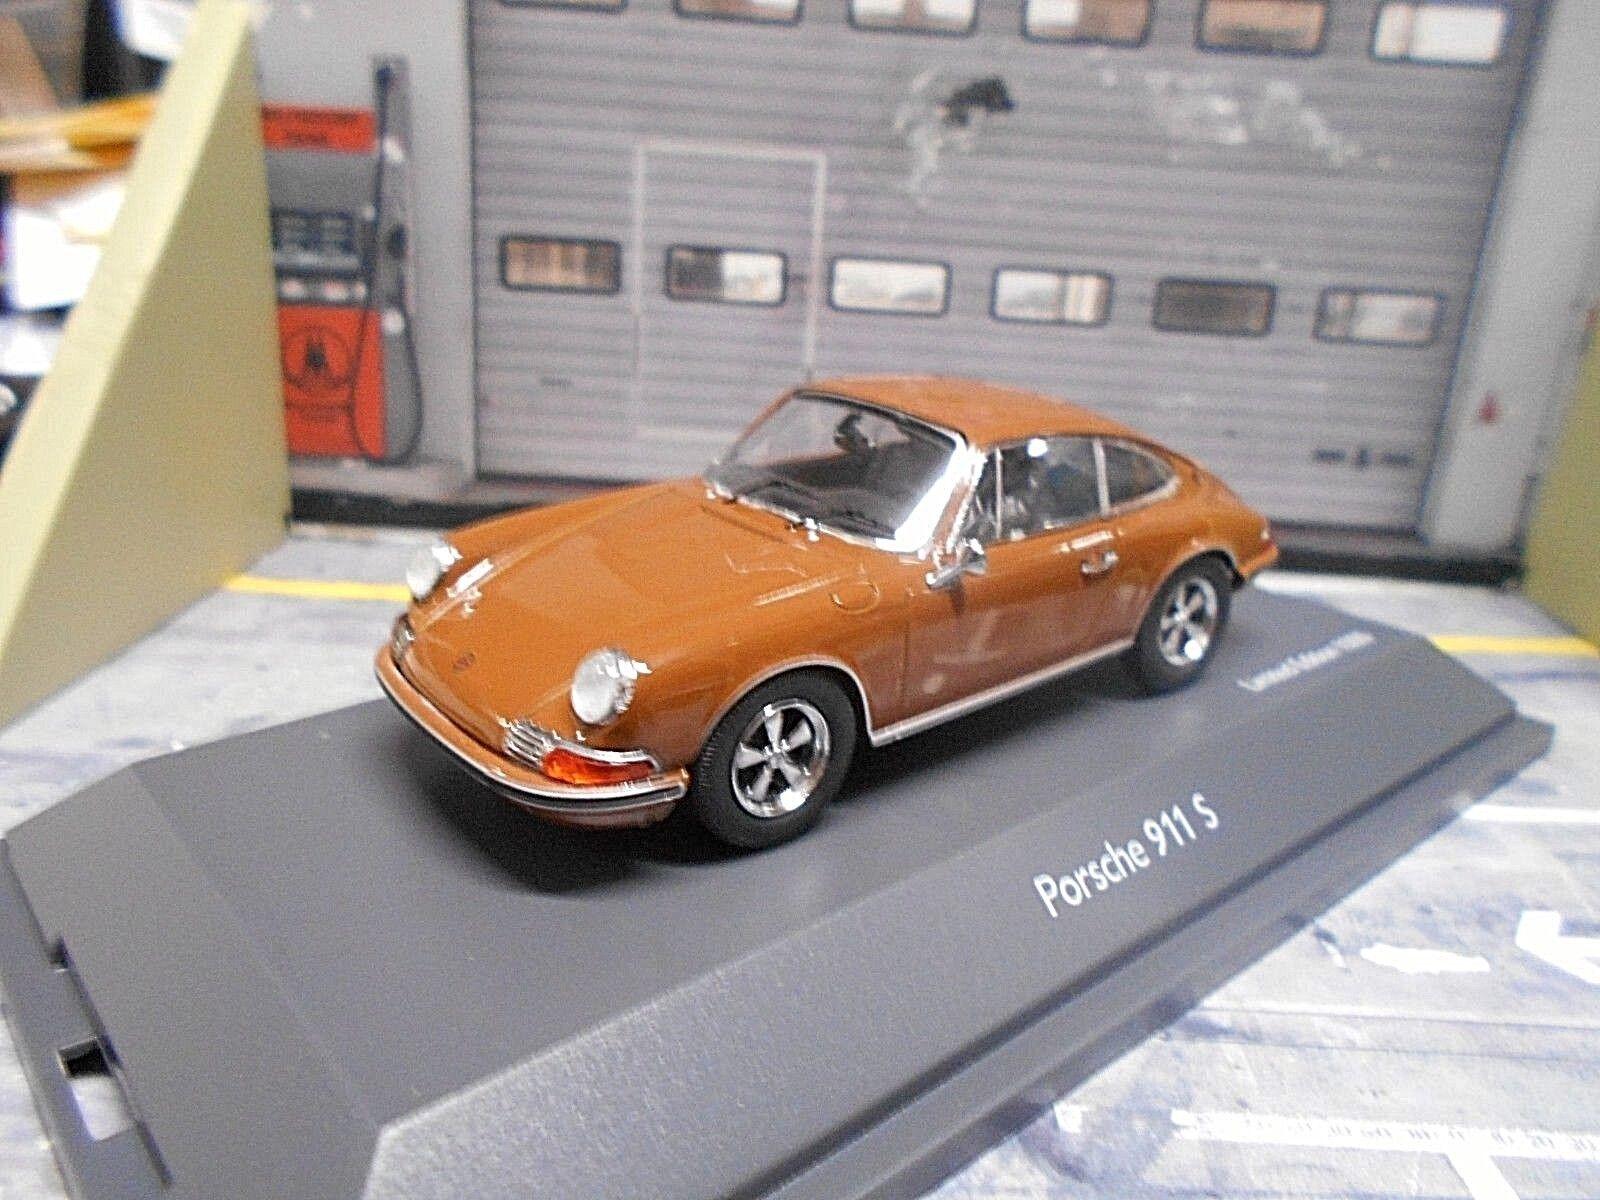 Porsche 911 S F modèle coupé Marron marron SCHUCO 1 43